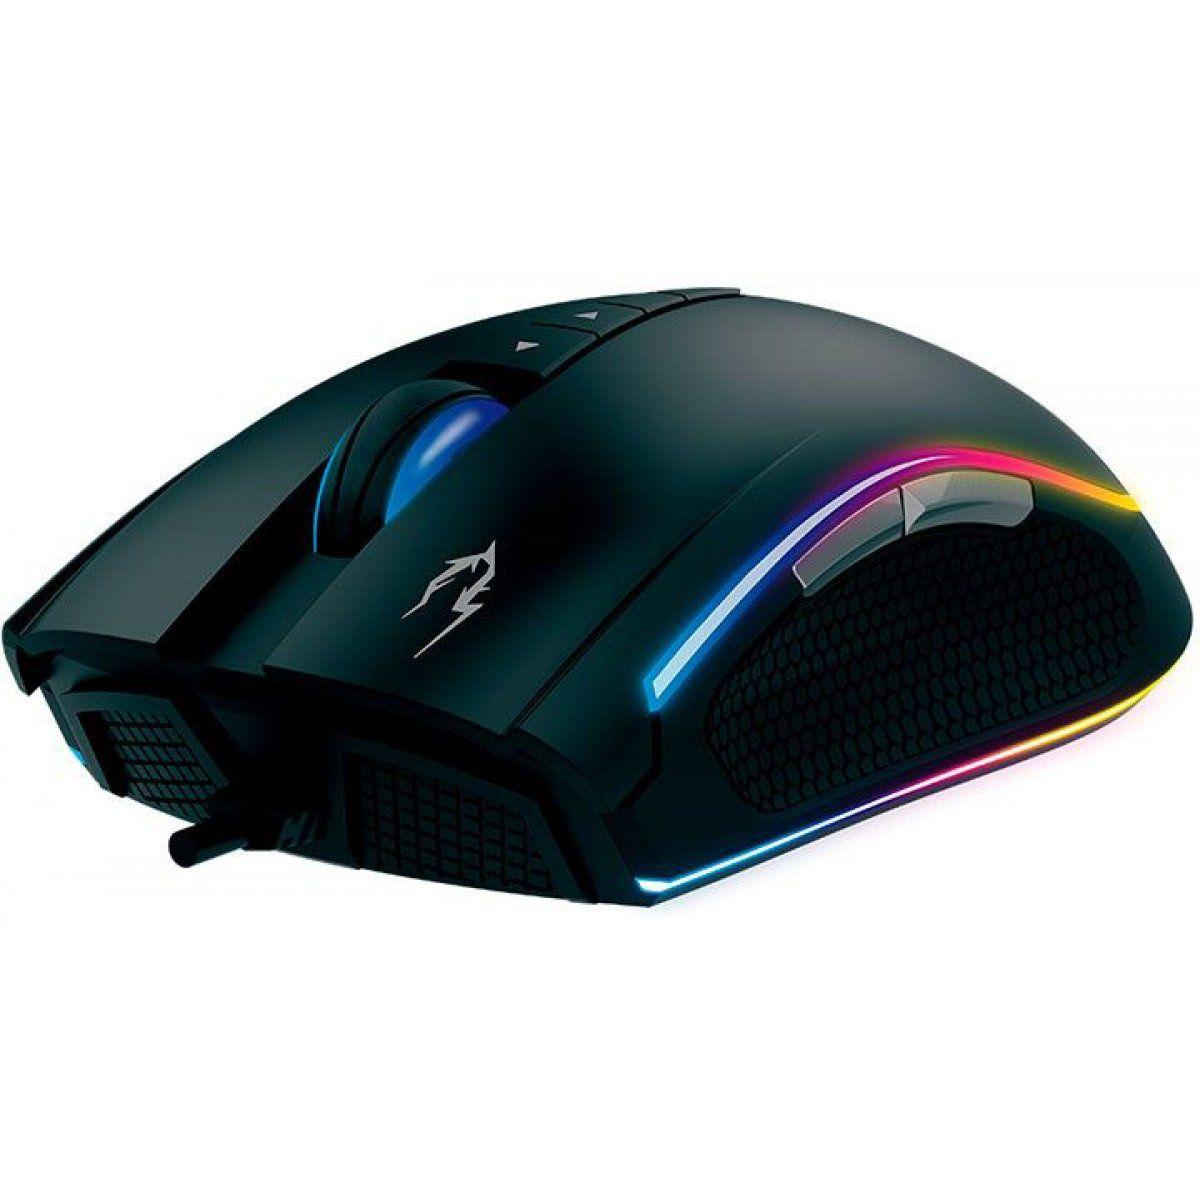 Mouse Gamer Zeus P2 Chroma RGB 16.000 DPI - Gamdias